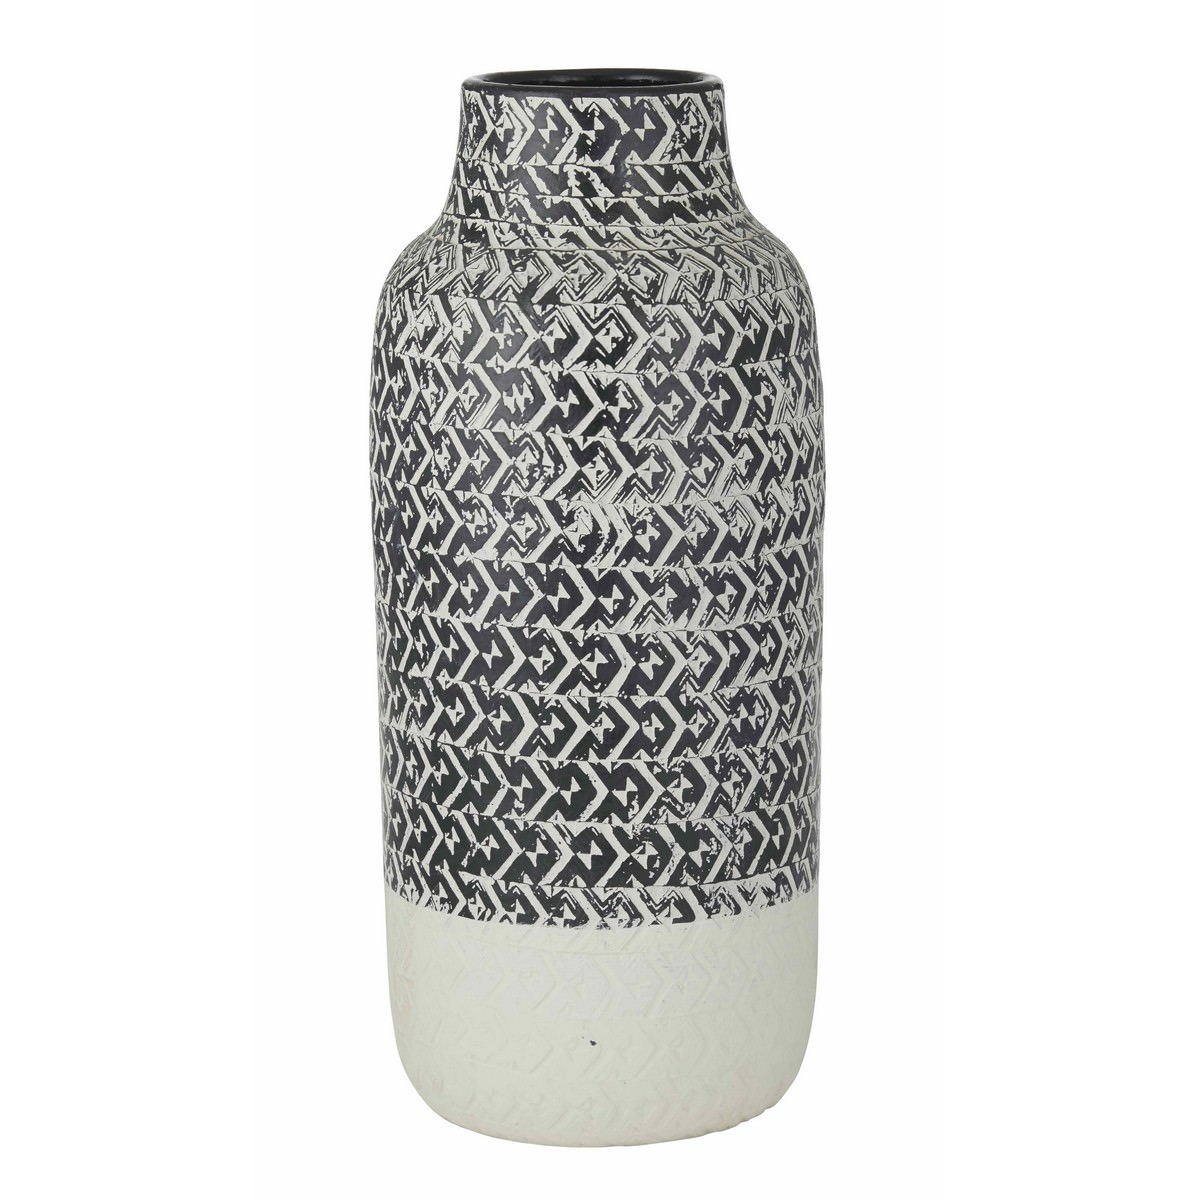 Issey Ceramic Vase, Large